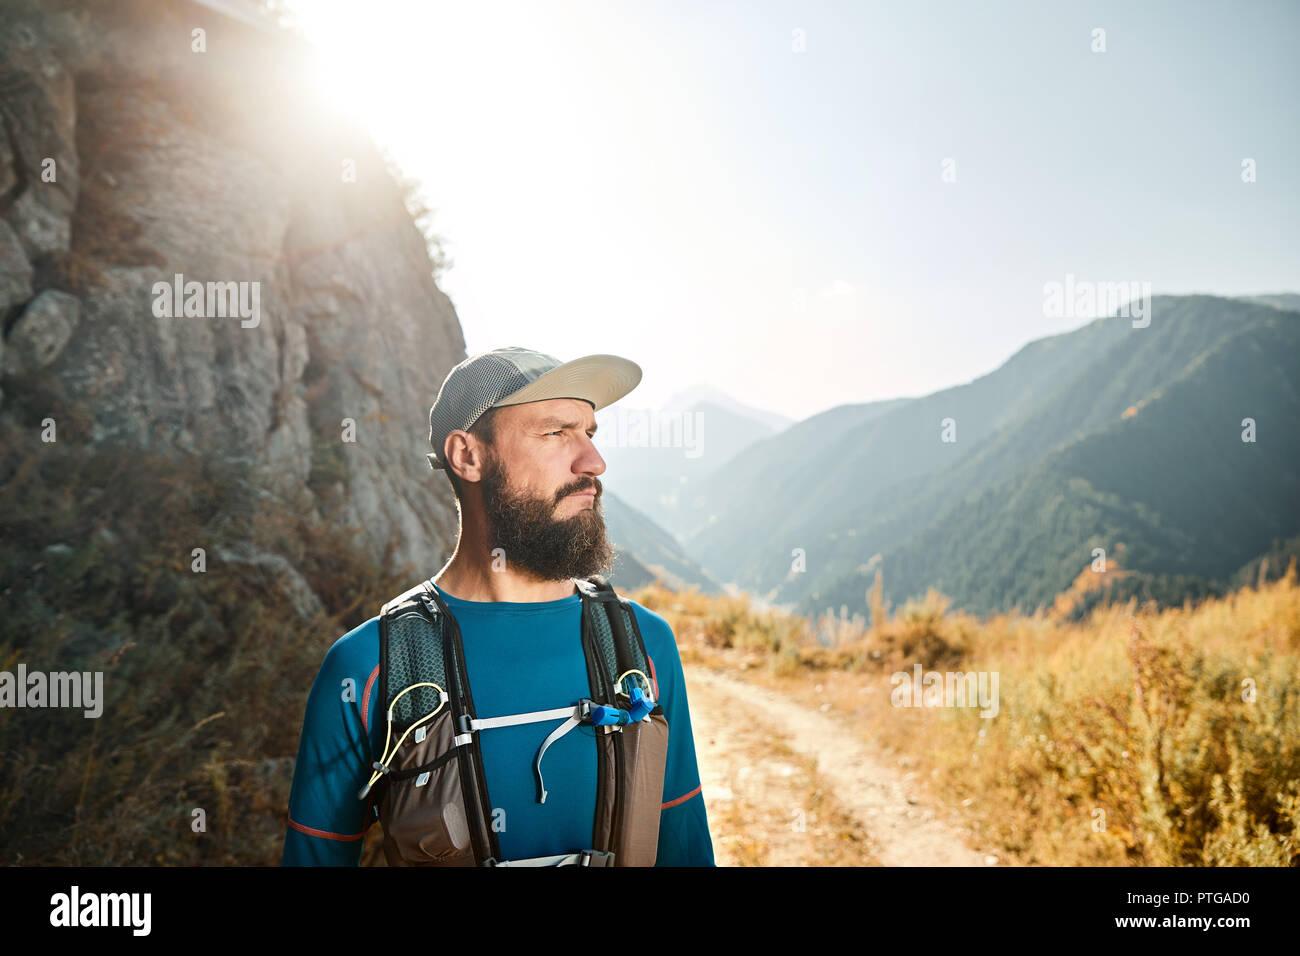 Ritratto di barbuto atleta runner con zaino in montagna a sunrise Immagini Stock